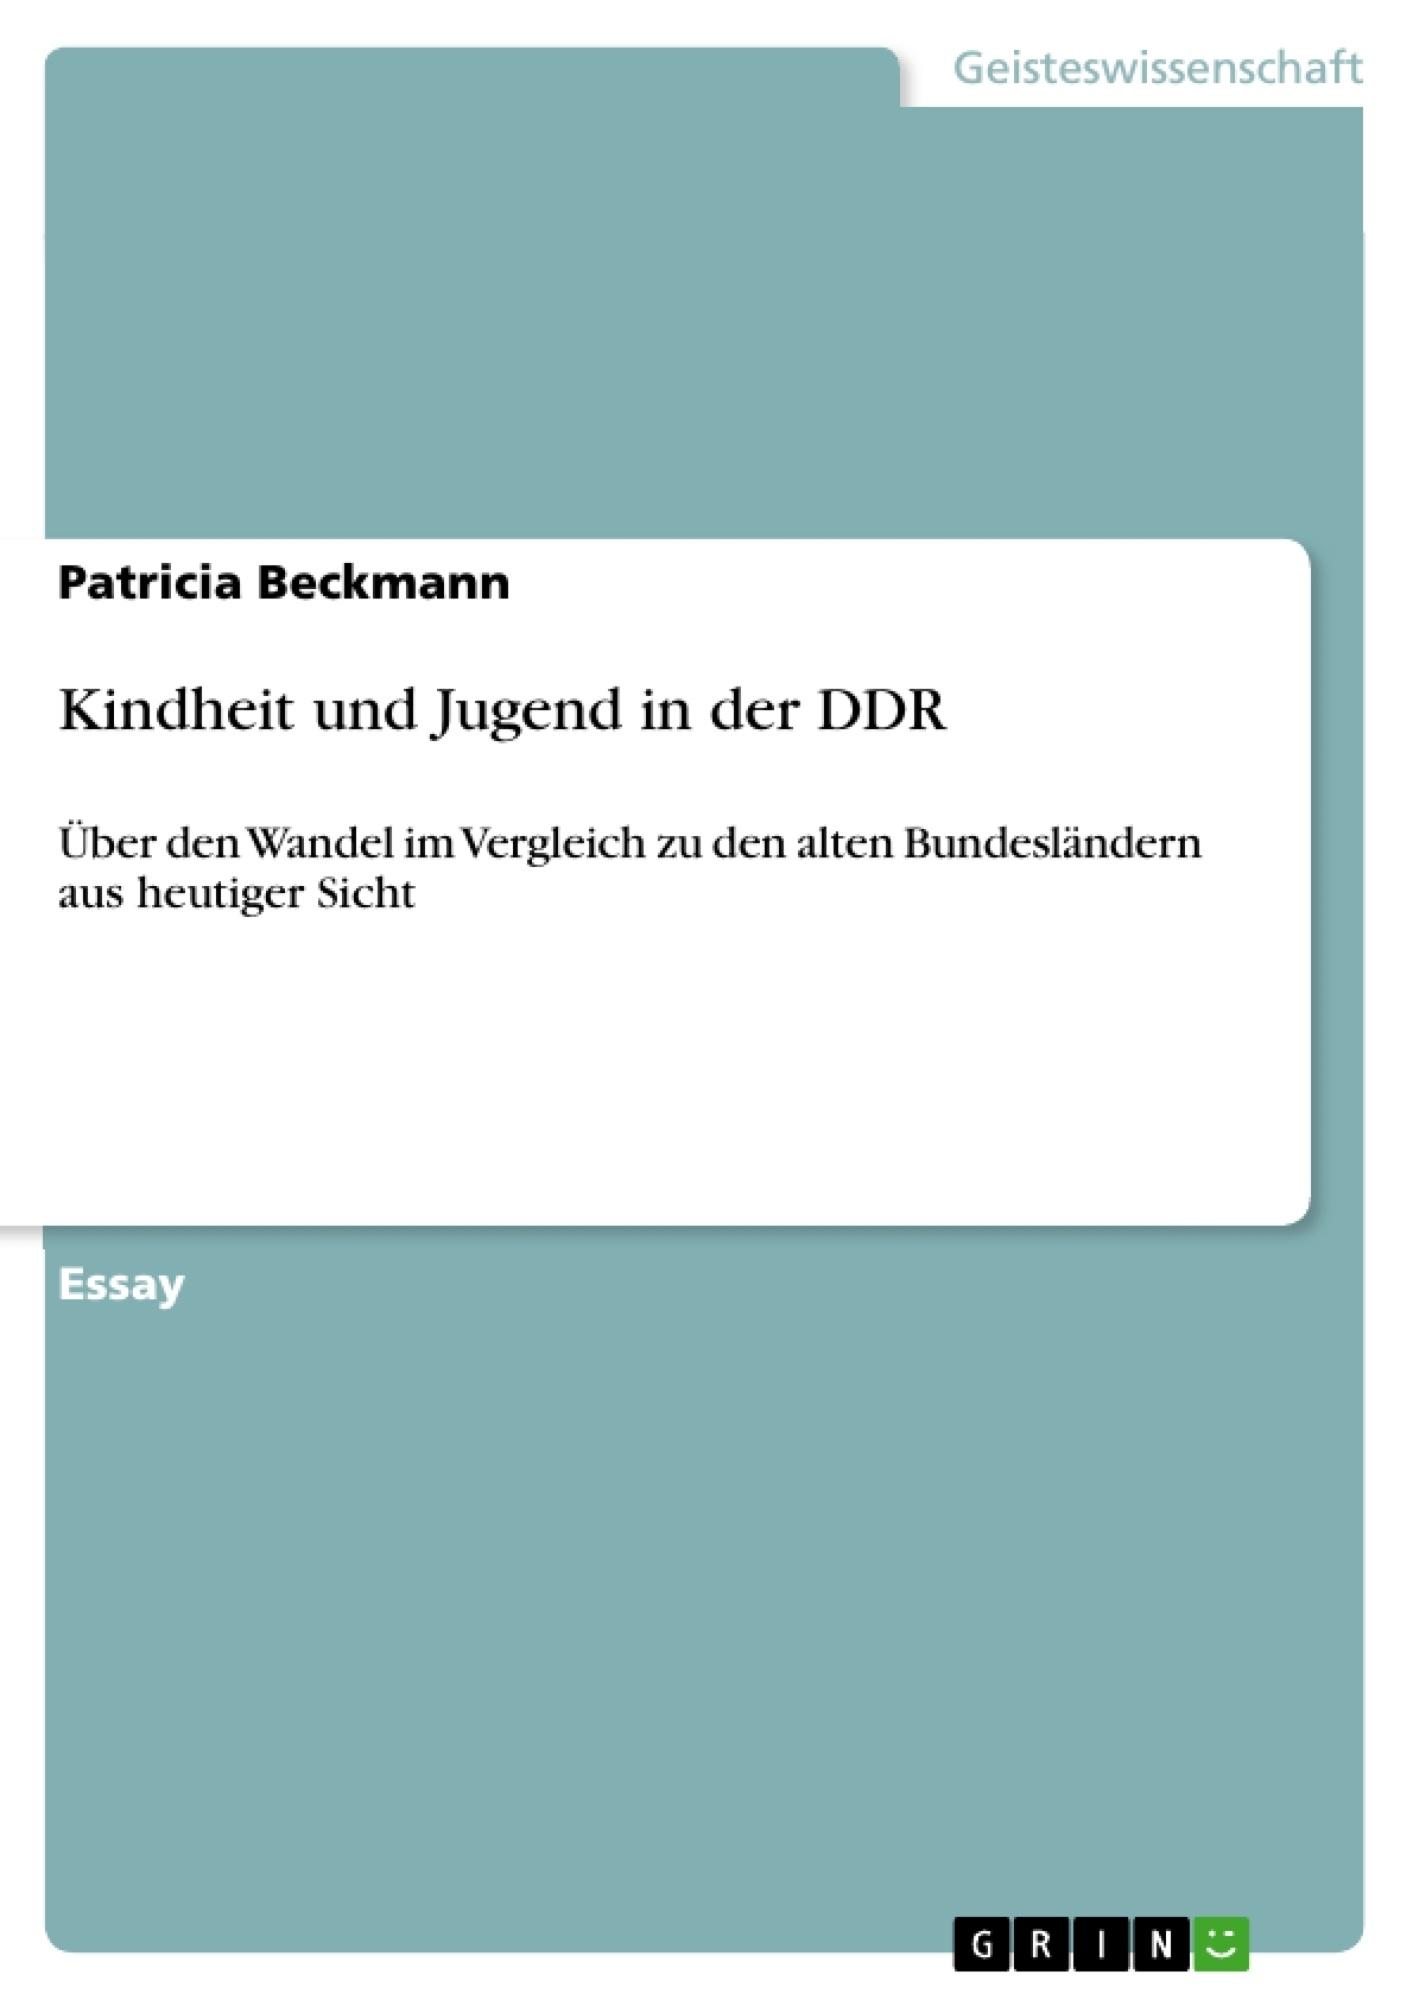 Titel: Kindheit und Jugend in der DDR